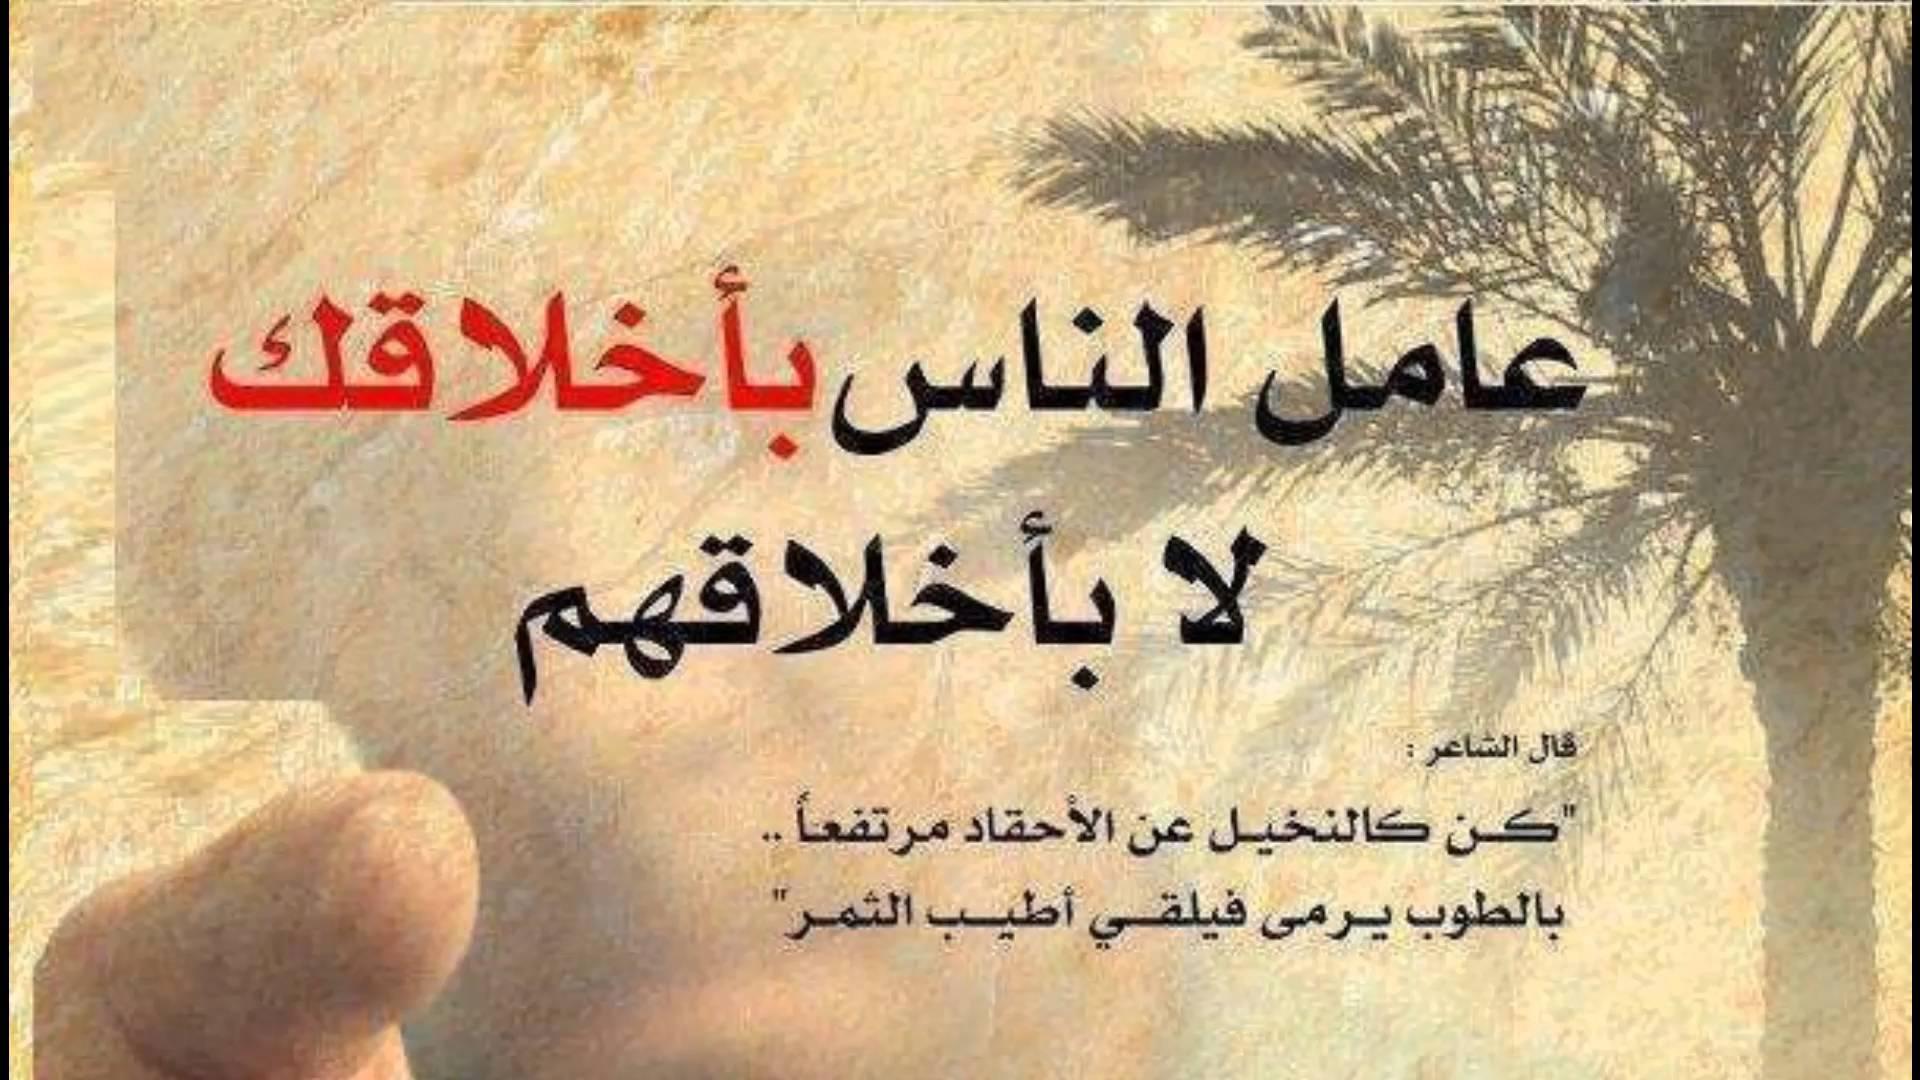 صوره حكم دينية؛حكم اسلاميه دينية قصيره